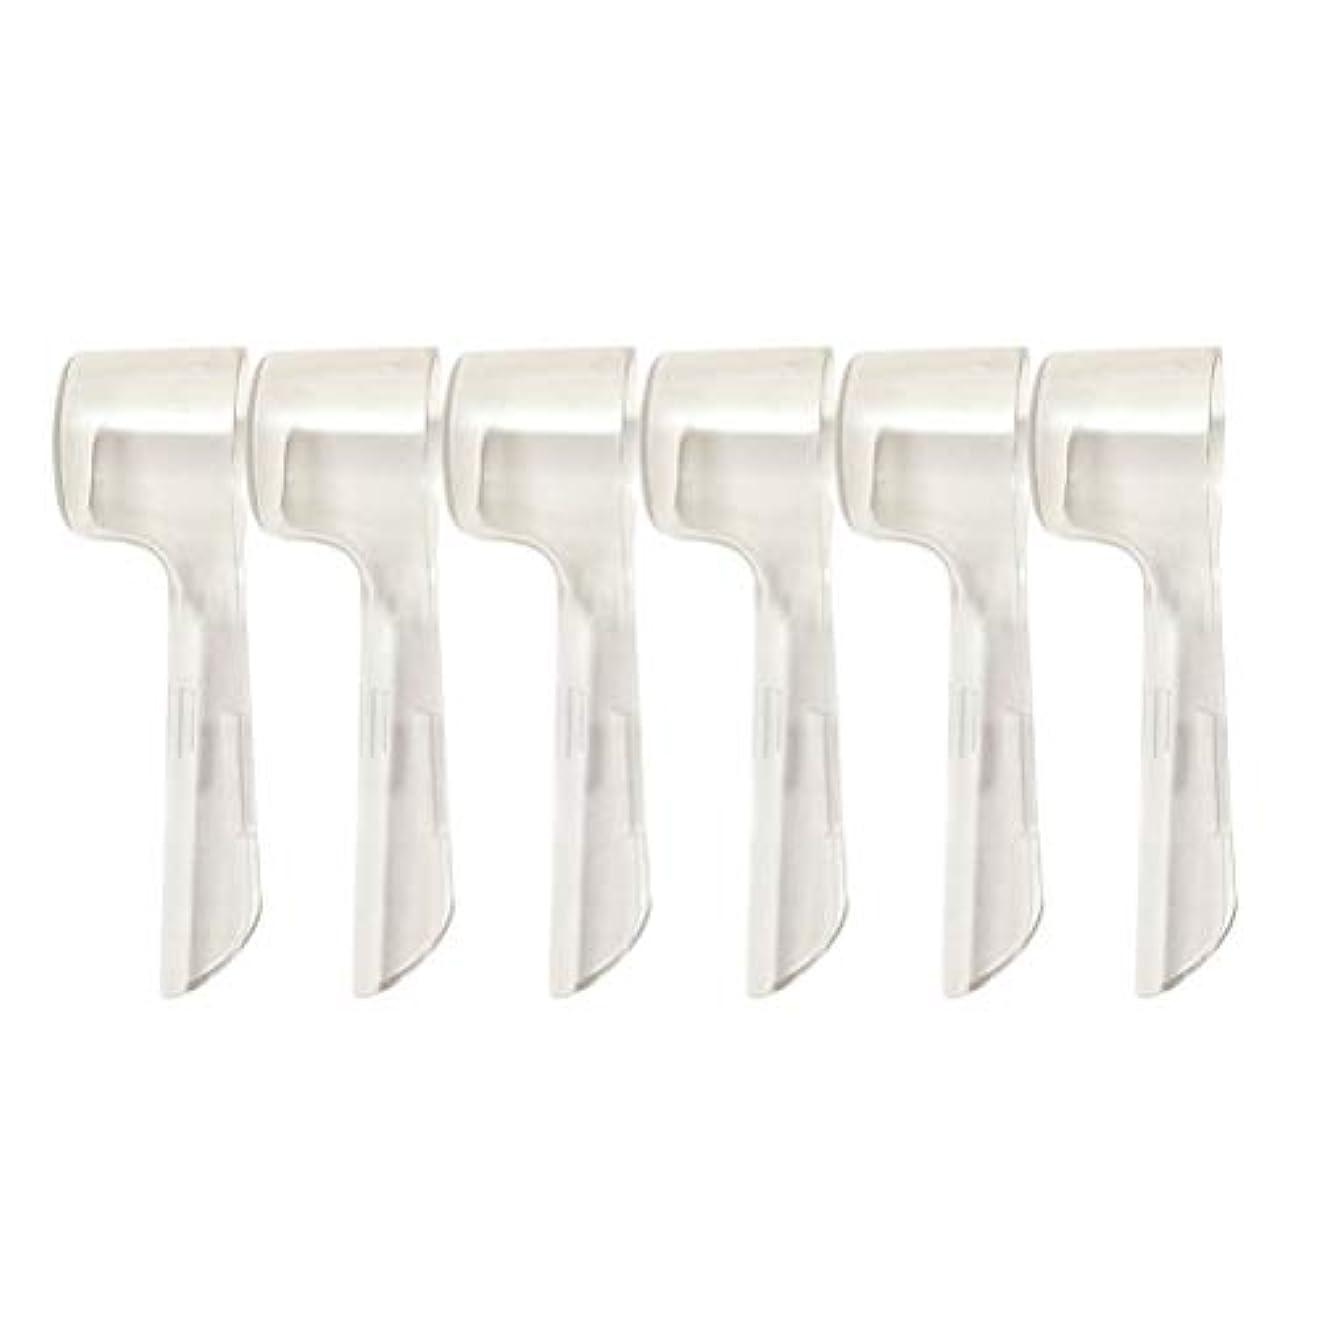 急速なドラッグ大臣SUPVOX 旅行のために便利な電動歯ブラシのための10本の歯ブラシヘッドカバー